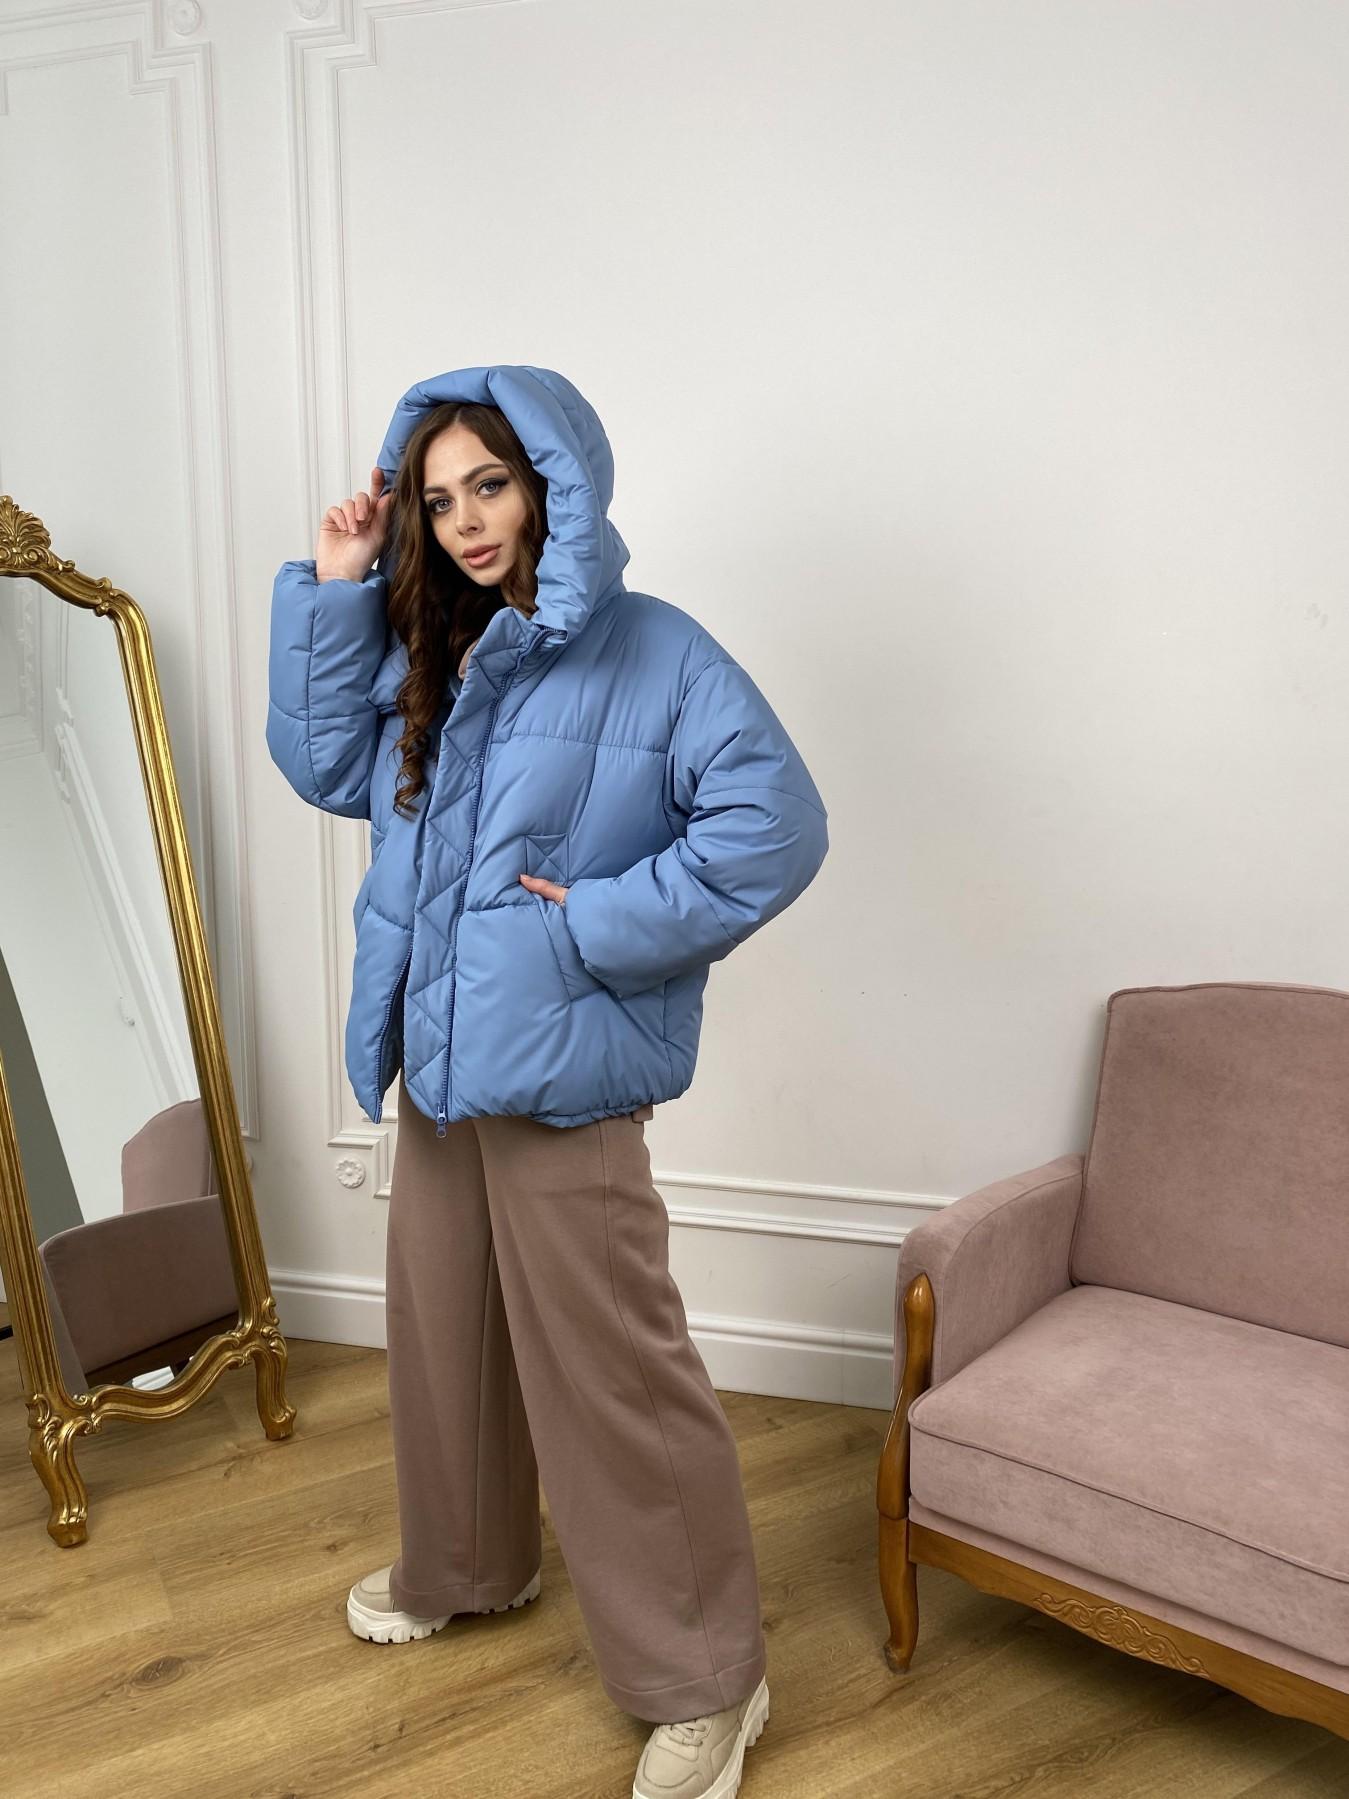 Нокс куртка из плащевой ткани 10535 АРТ. 46971 Цвет: Джинс - фото 2, интернет магазин tm-modus.ru